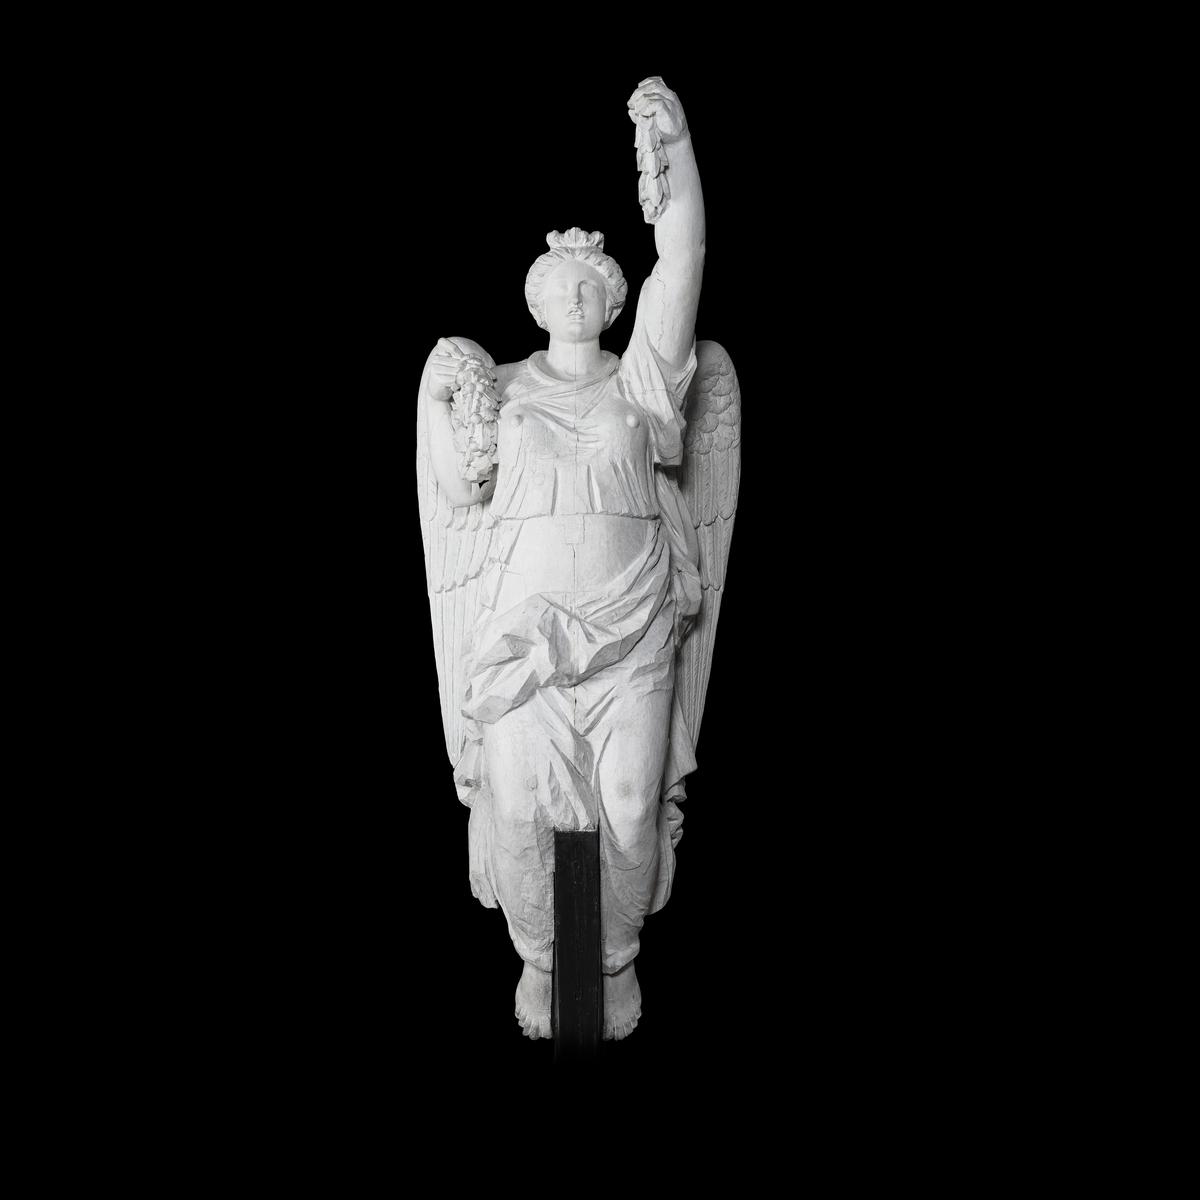 Galjonsbild tillhörande linjeskeppet Karl XIII. Betvingad och draperad kvinnofigur hållande lagerkrans i utsträckt vänster hand och krans av eklöv i höger hand intill höger axel. Sannolikt föreställande segergudinna. Färg: Vit.